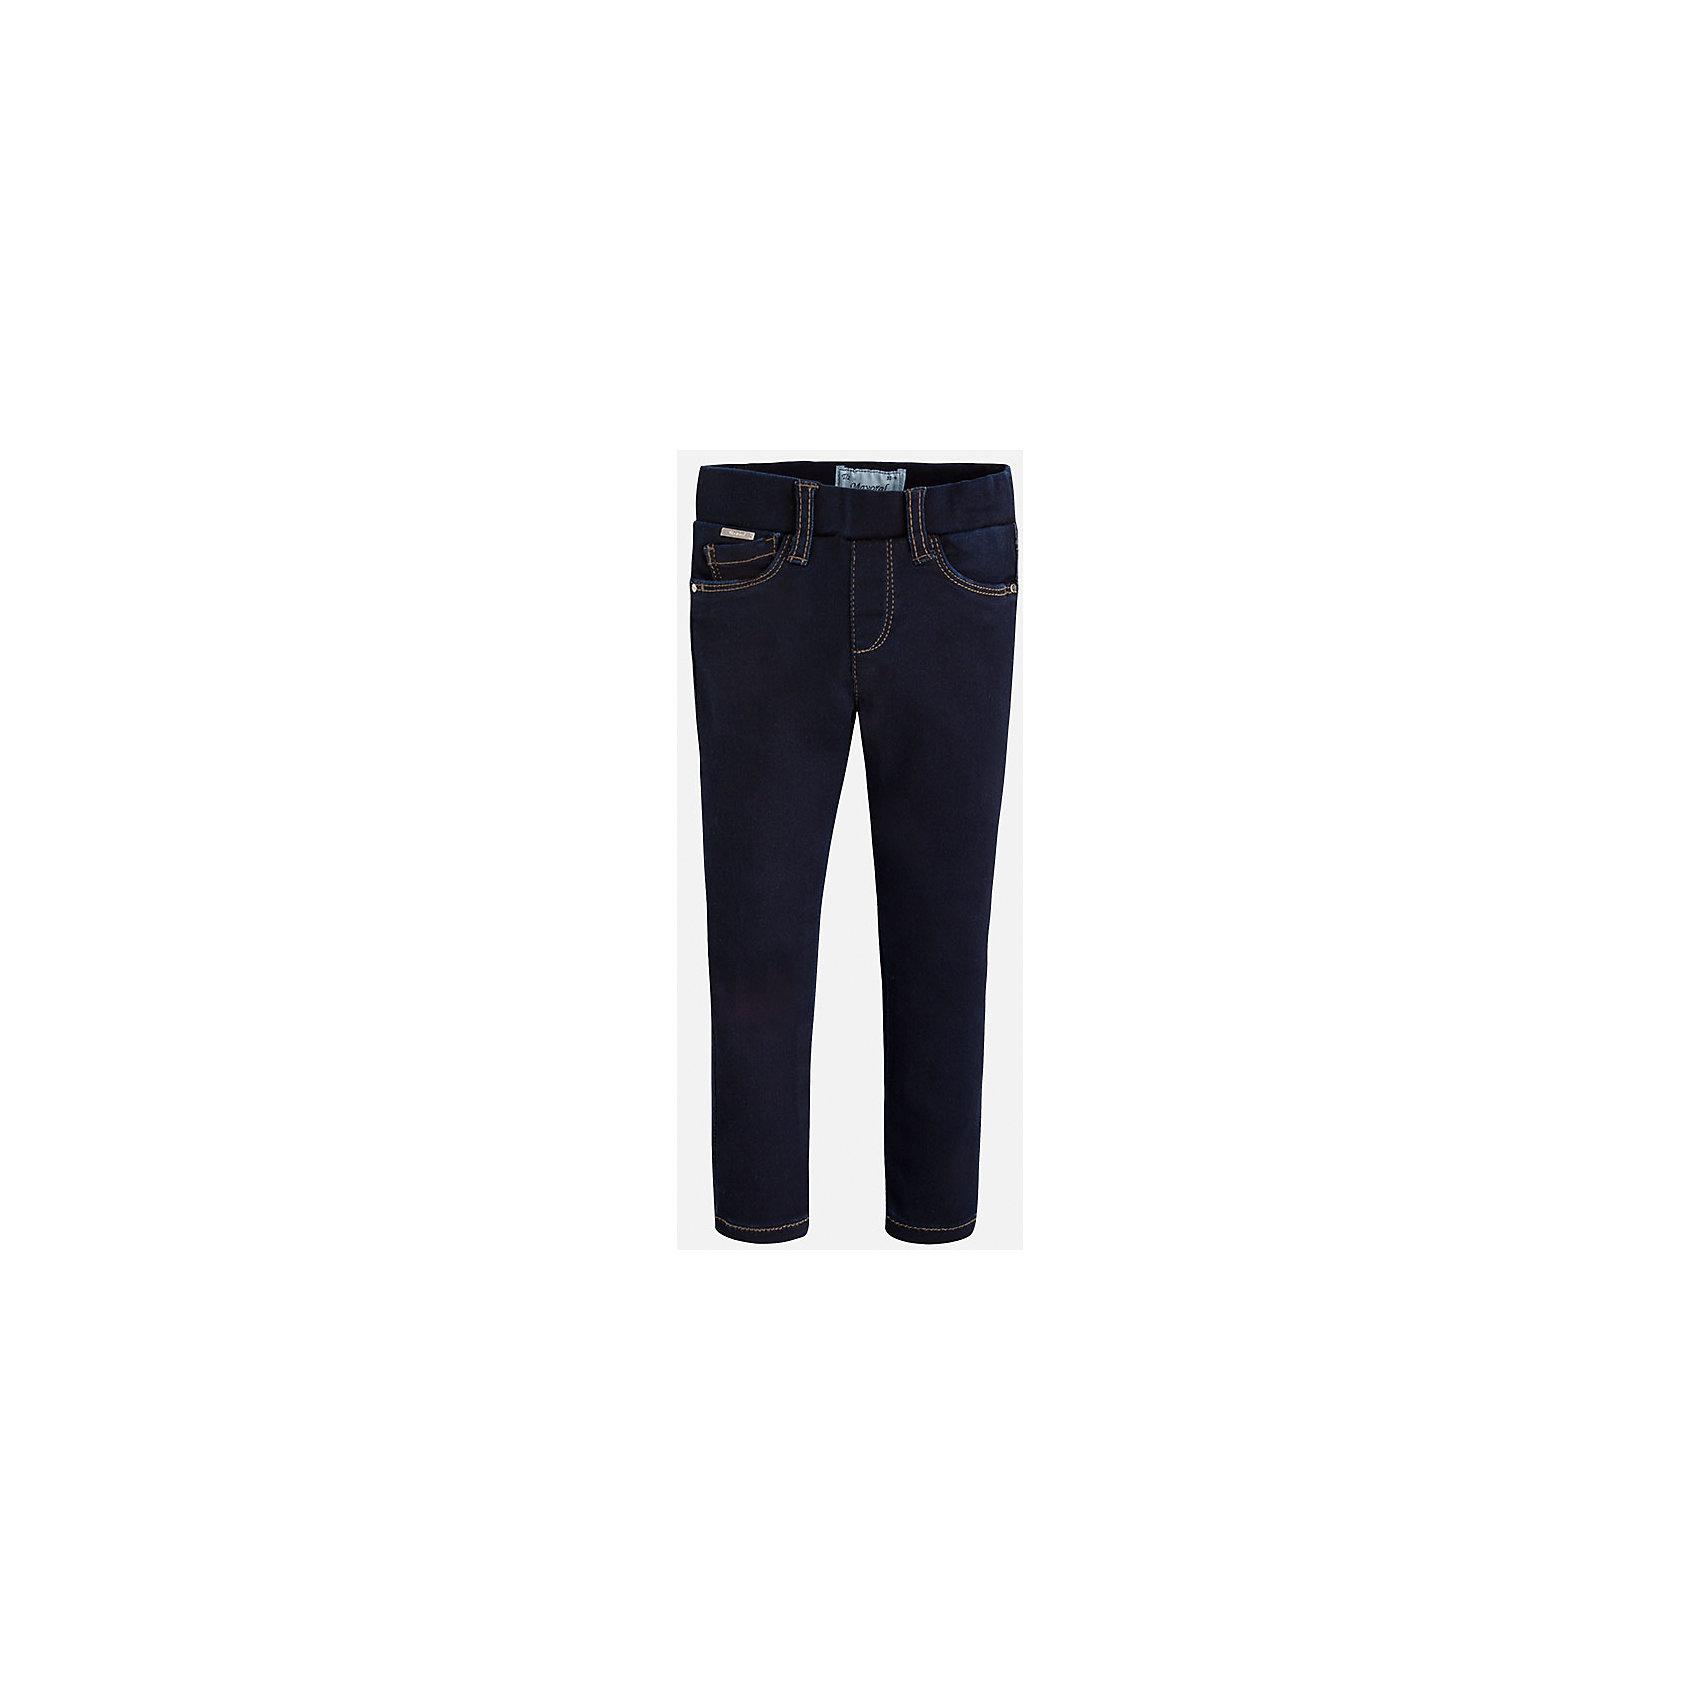 Леггинсы джинсовые для девочки MayoralДжинсовая одежда<br>Леггинсы - удобный и практичный вариант на каждый день, прекрасно сочетаются с любой одеждой.  Модель на эластичном поясе с резинкой дополнена пятью классическими карманами. Леггинсы Mayoral изготовлены из высококачественного материала, отлично сидят на фигуре, не сковывают движения, декорированы вышивкой на задних карманах.<br><br>Дополнительная информация:<br><br>- Регулировка по объему с помощью внутренней резинки. <br>- Покрой: прямой. <br>- 5 классических карманов.<br>- Вышивка в виде сердечек. <br>Состав: <br>- 69% хлопок, 28% полиэстер, 3% эластан.<br><br>Леггинсы для девочки Mayoral (Майорал), темно-синие, можно купить в нашем магазине.<br><br>Ширина мм: 123<br>Глубина мм: 10<br>Высота мм: 149<br>Вес г: 209<br>Цвет: синий<br>Возраст от месяцев: 36<br>Возраст до месяцев: 48<br>Пол: Женский<br>Возраст: Детский<br>Размер: 104,122,98,92,128,110,116,134<br>SKU: 4845760